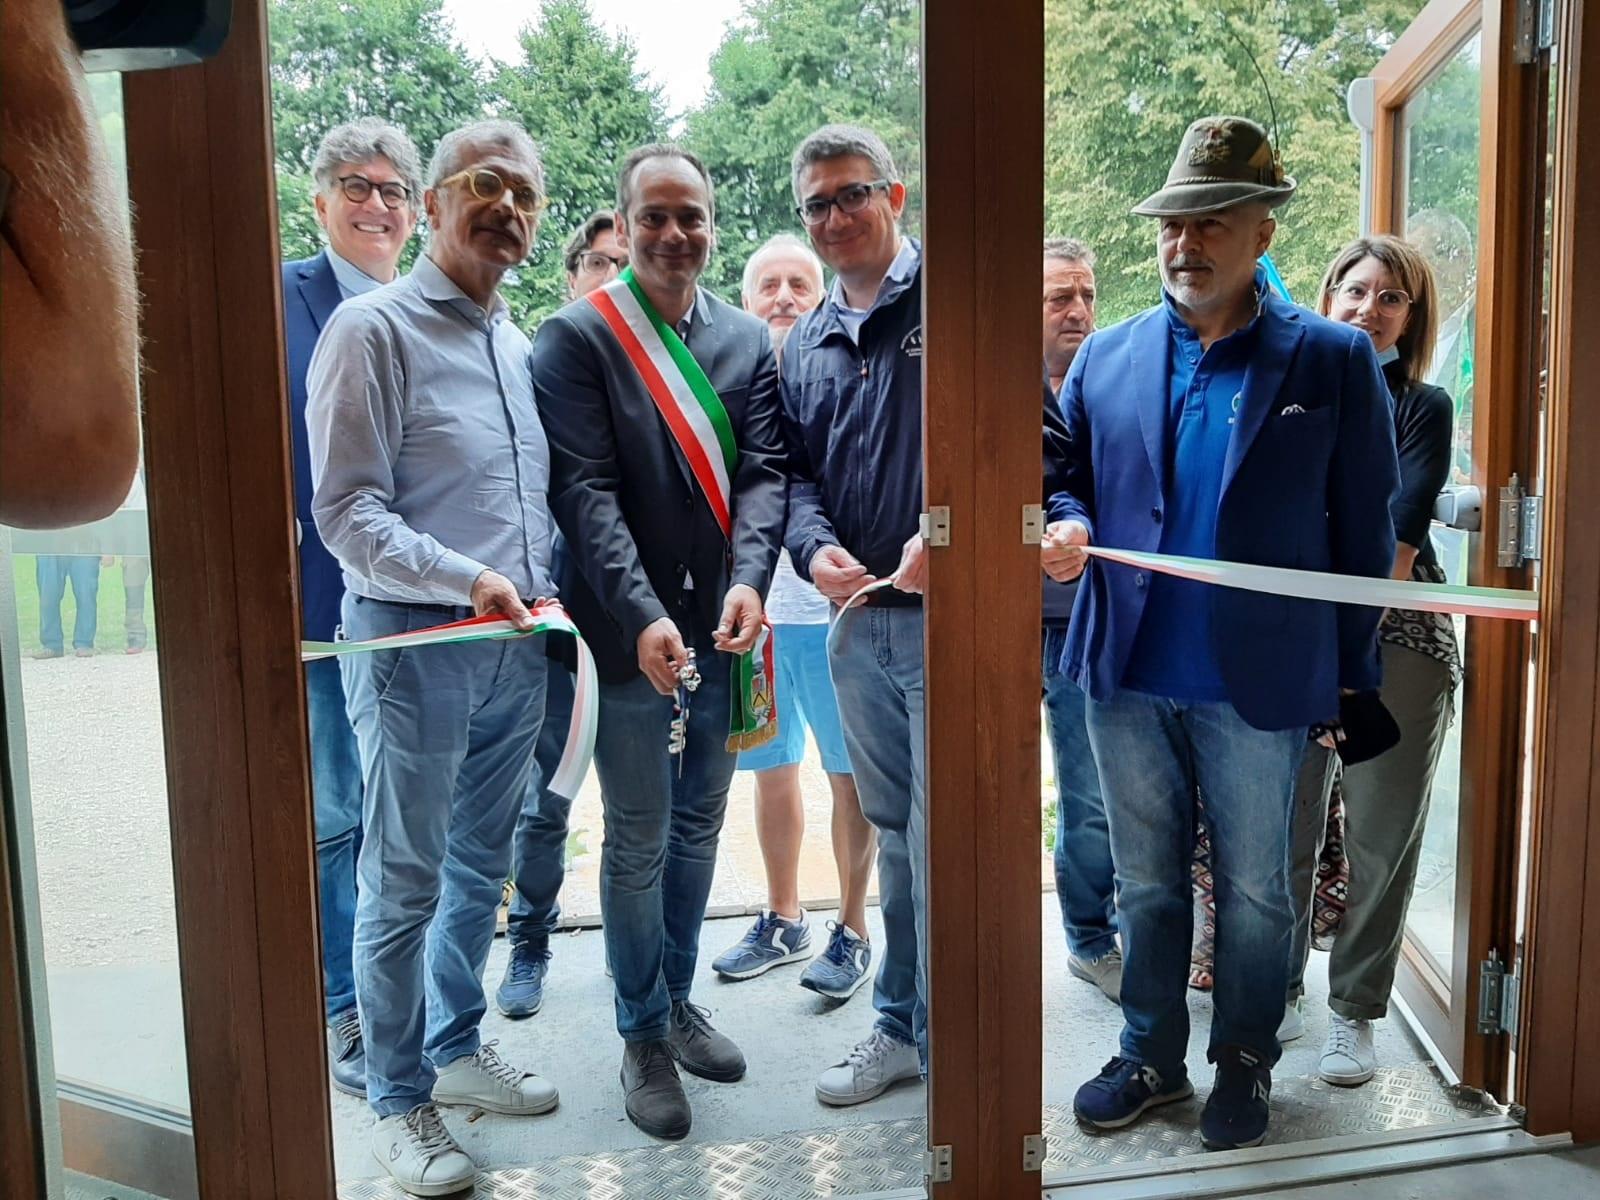 Alpini: Zanin a festa Monte Prat inaugura Centro, valori da celebrare